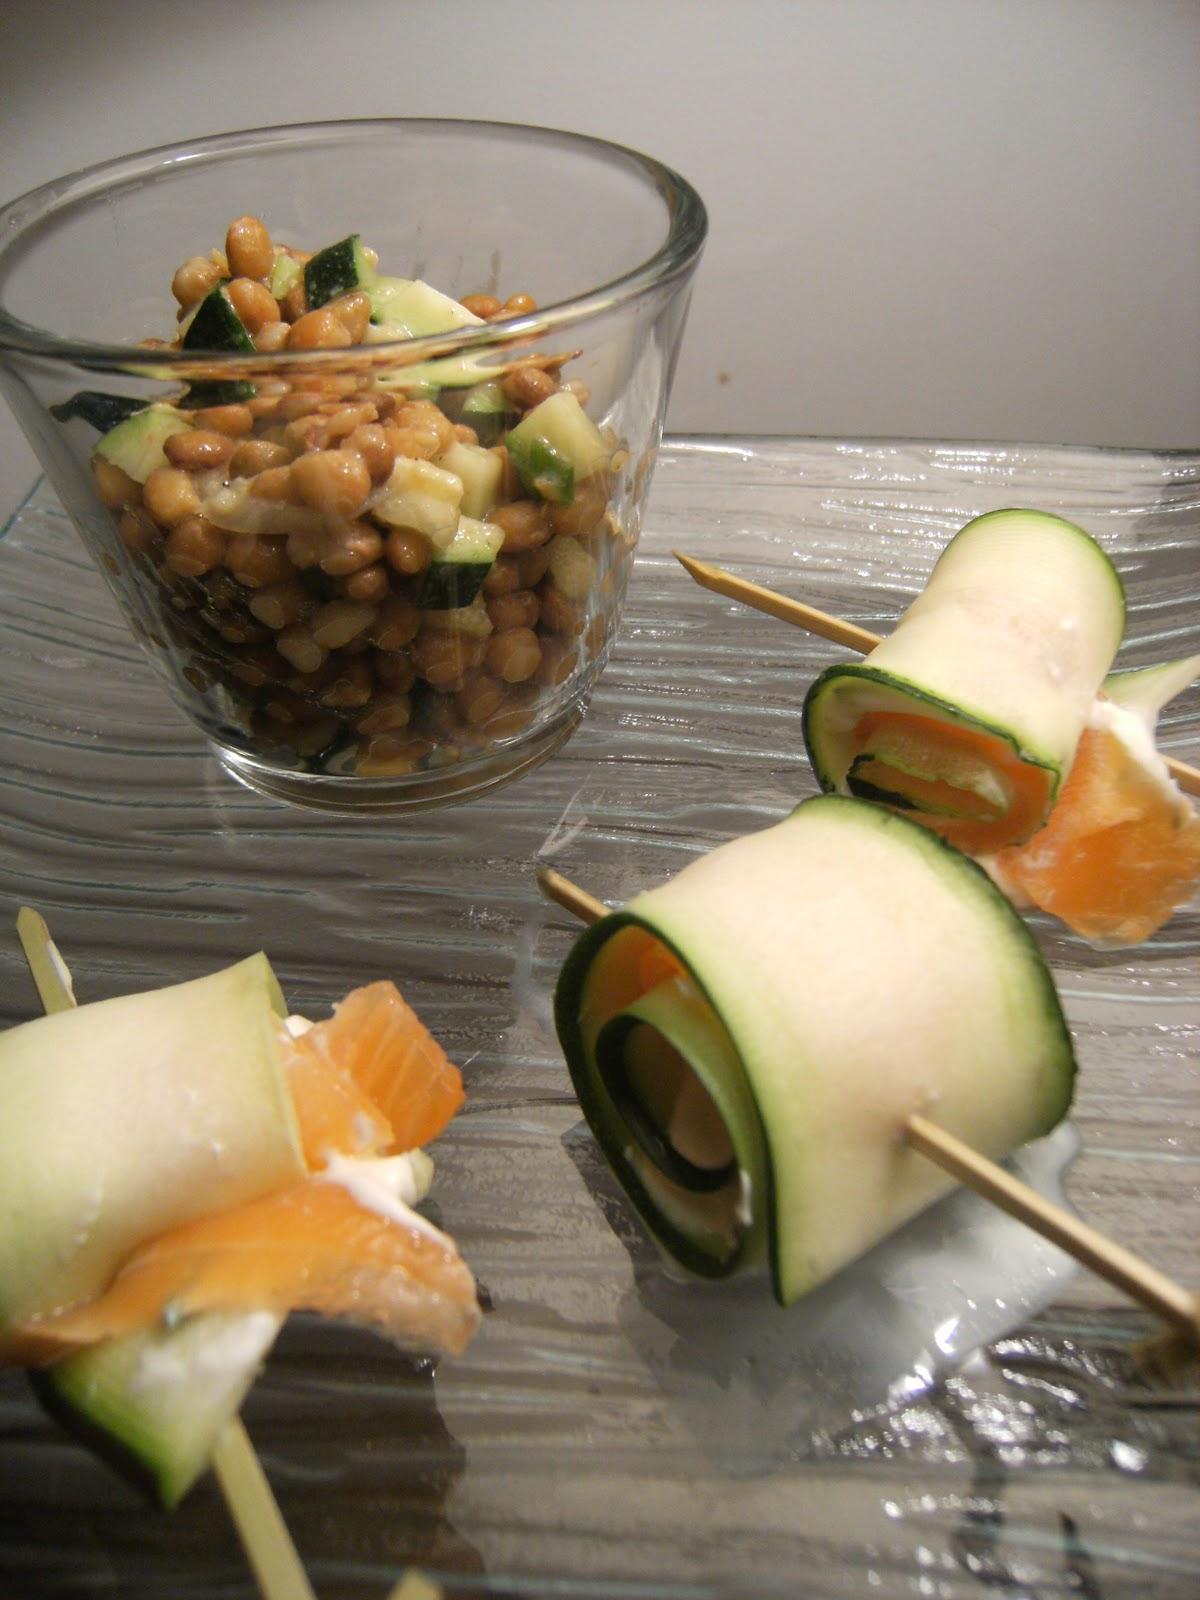 Midi cuisine un salon une recette - Recette cuisine sur tf1 midi ...